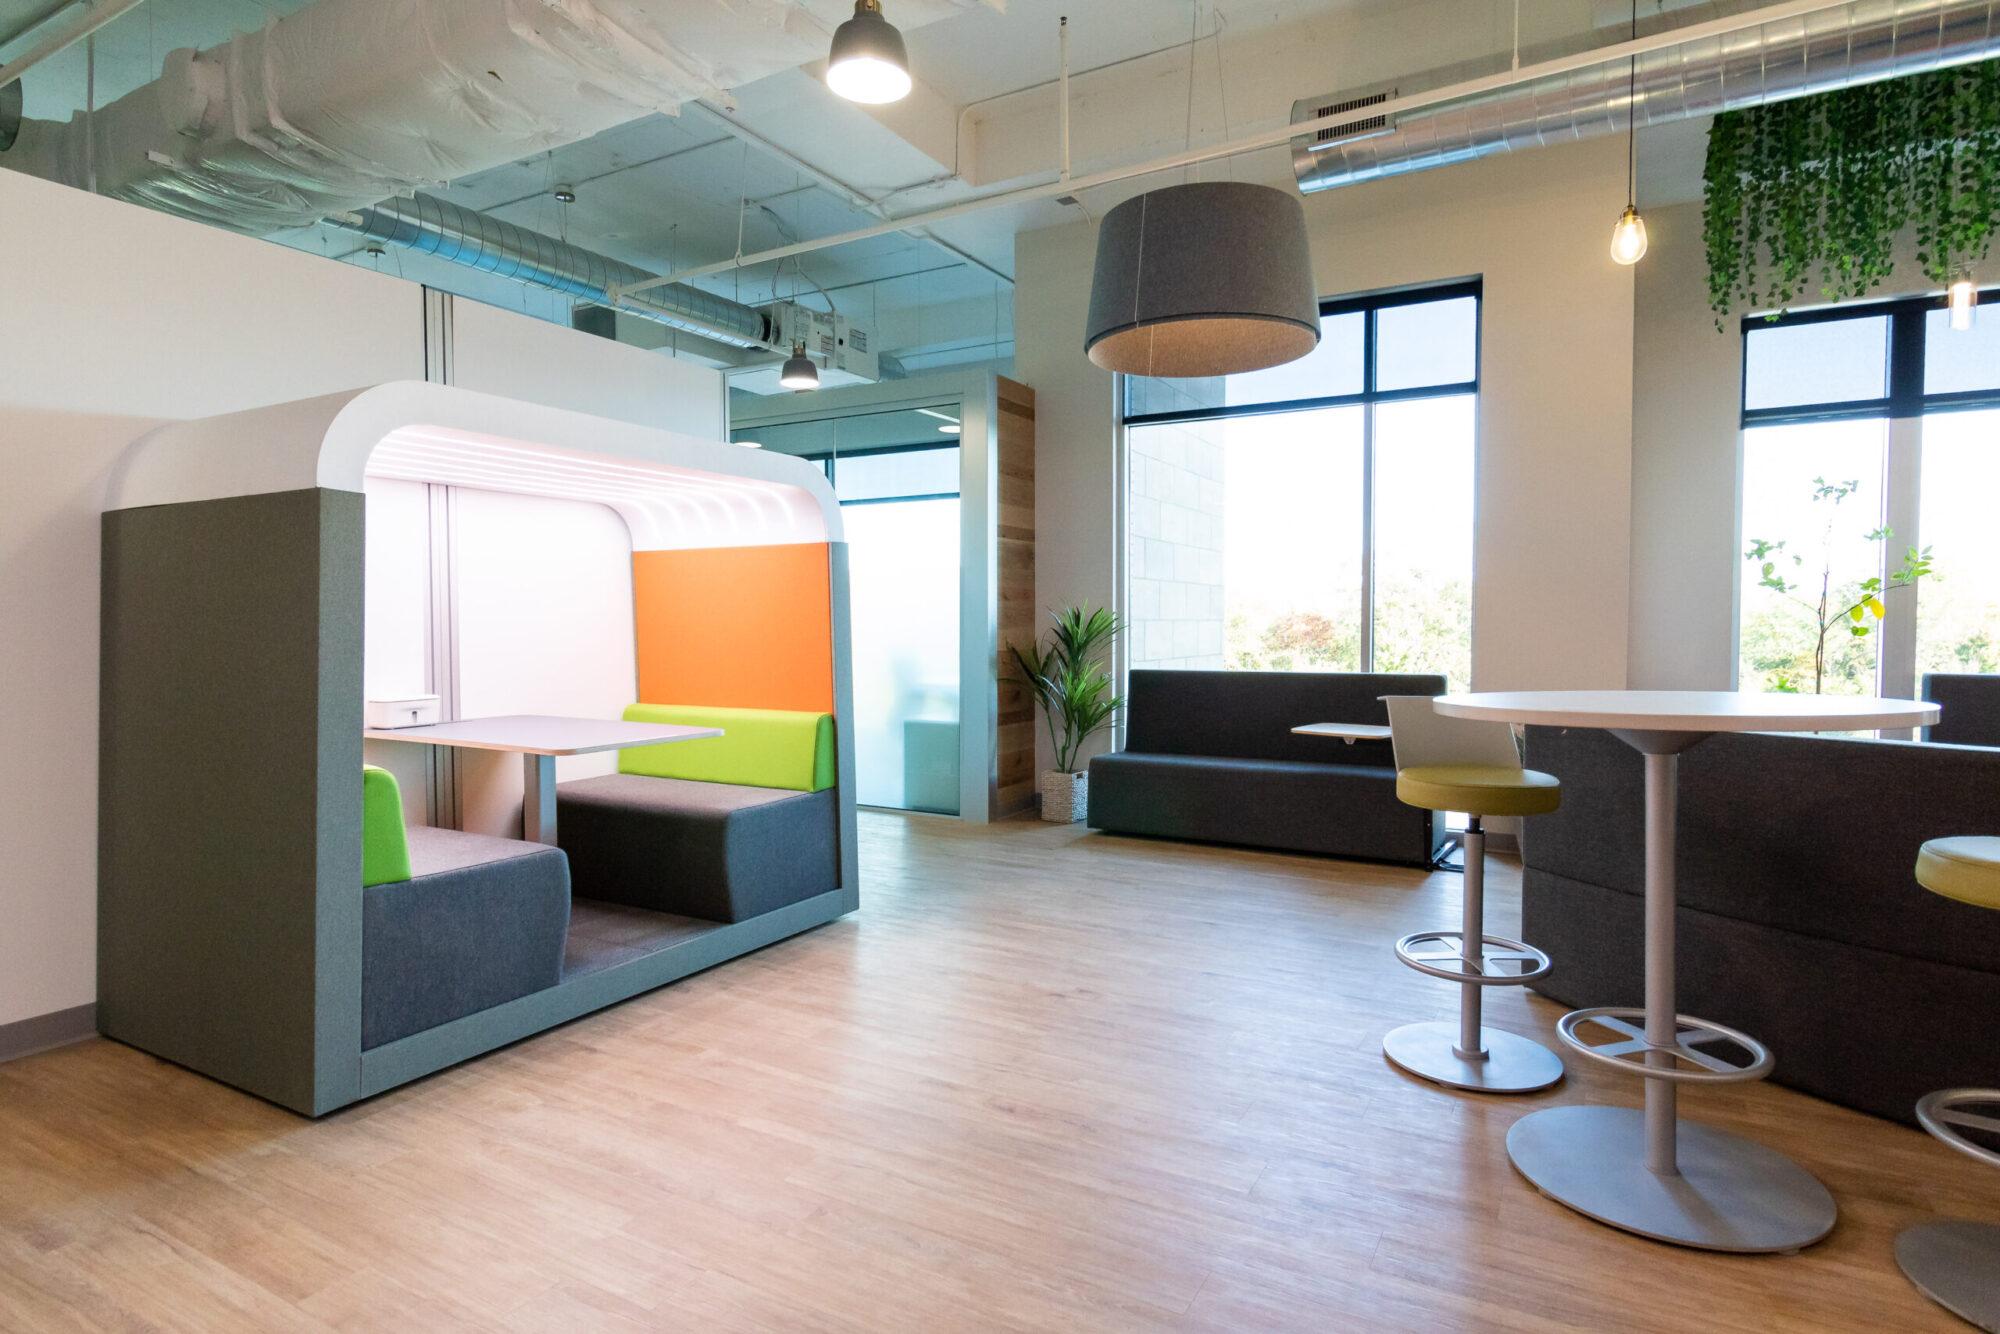 Meeting Space in Studio